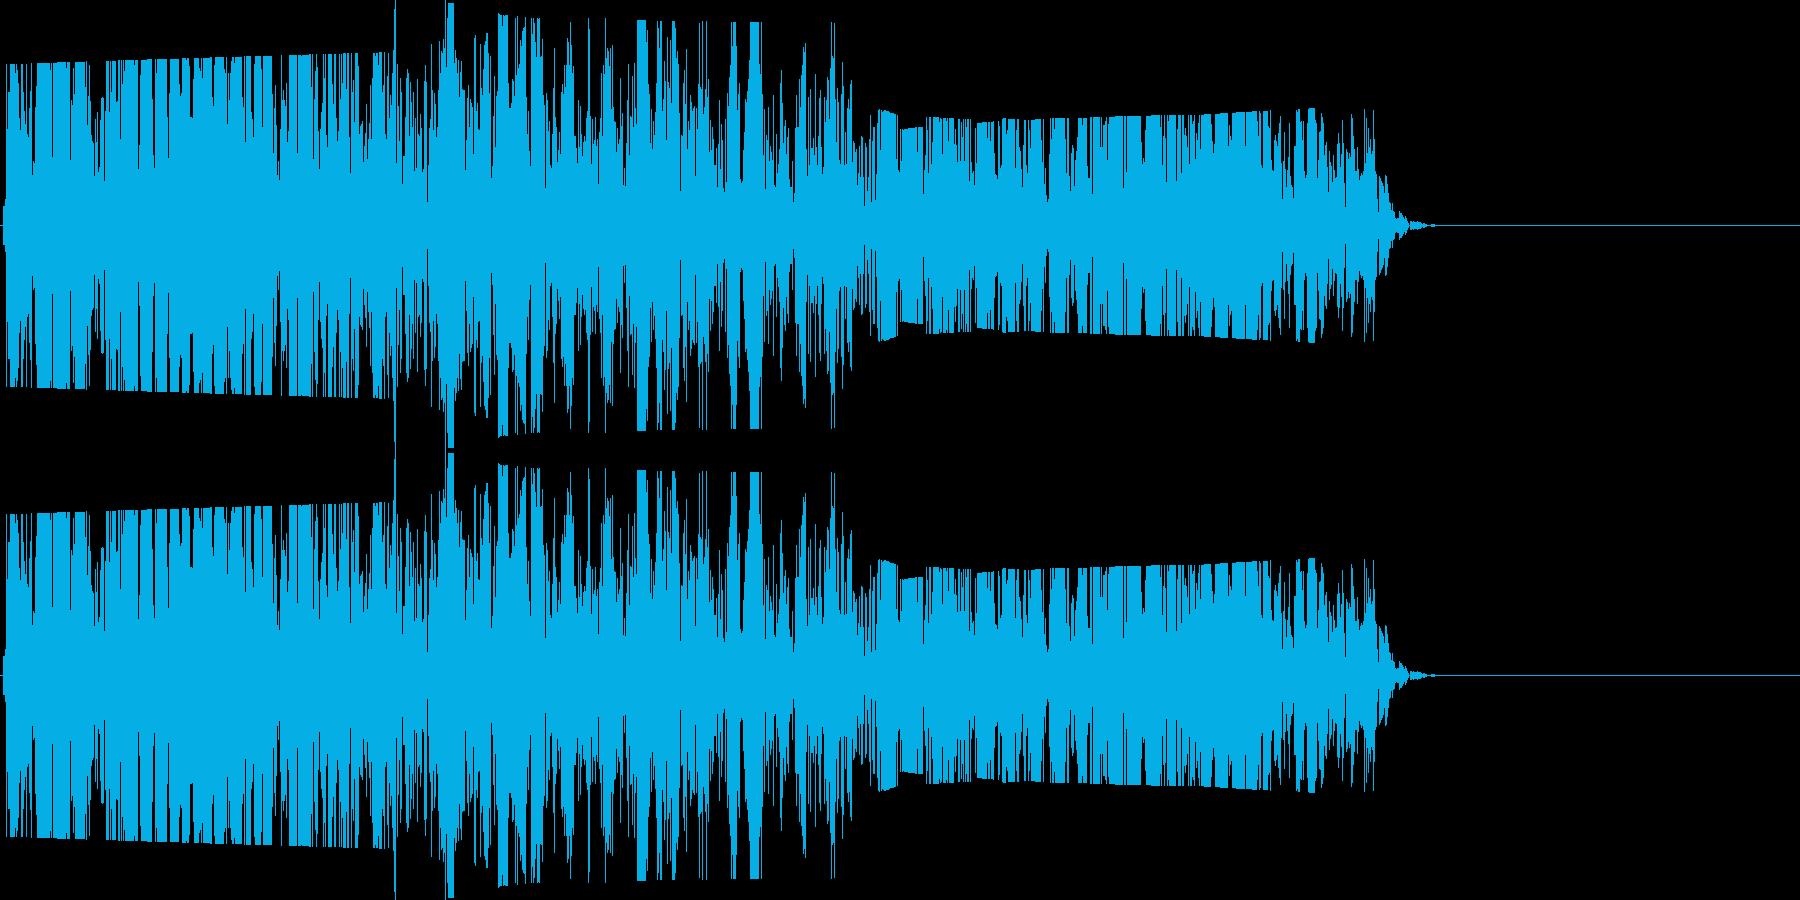 ズバッと斬る_03(刀・刺す・斬撃系)の再生済みの波形